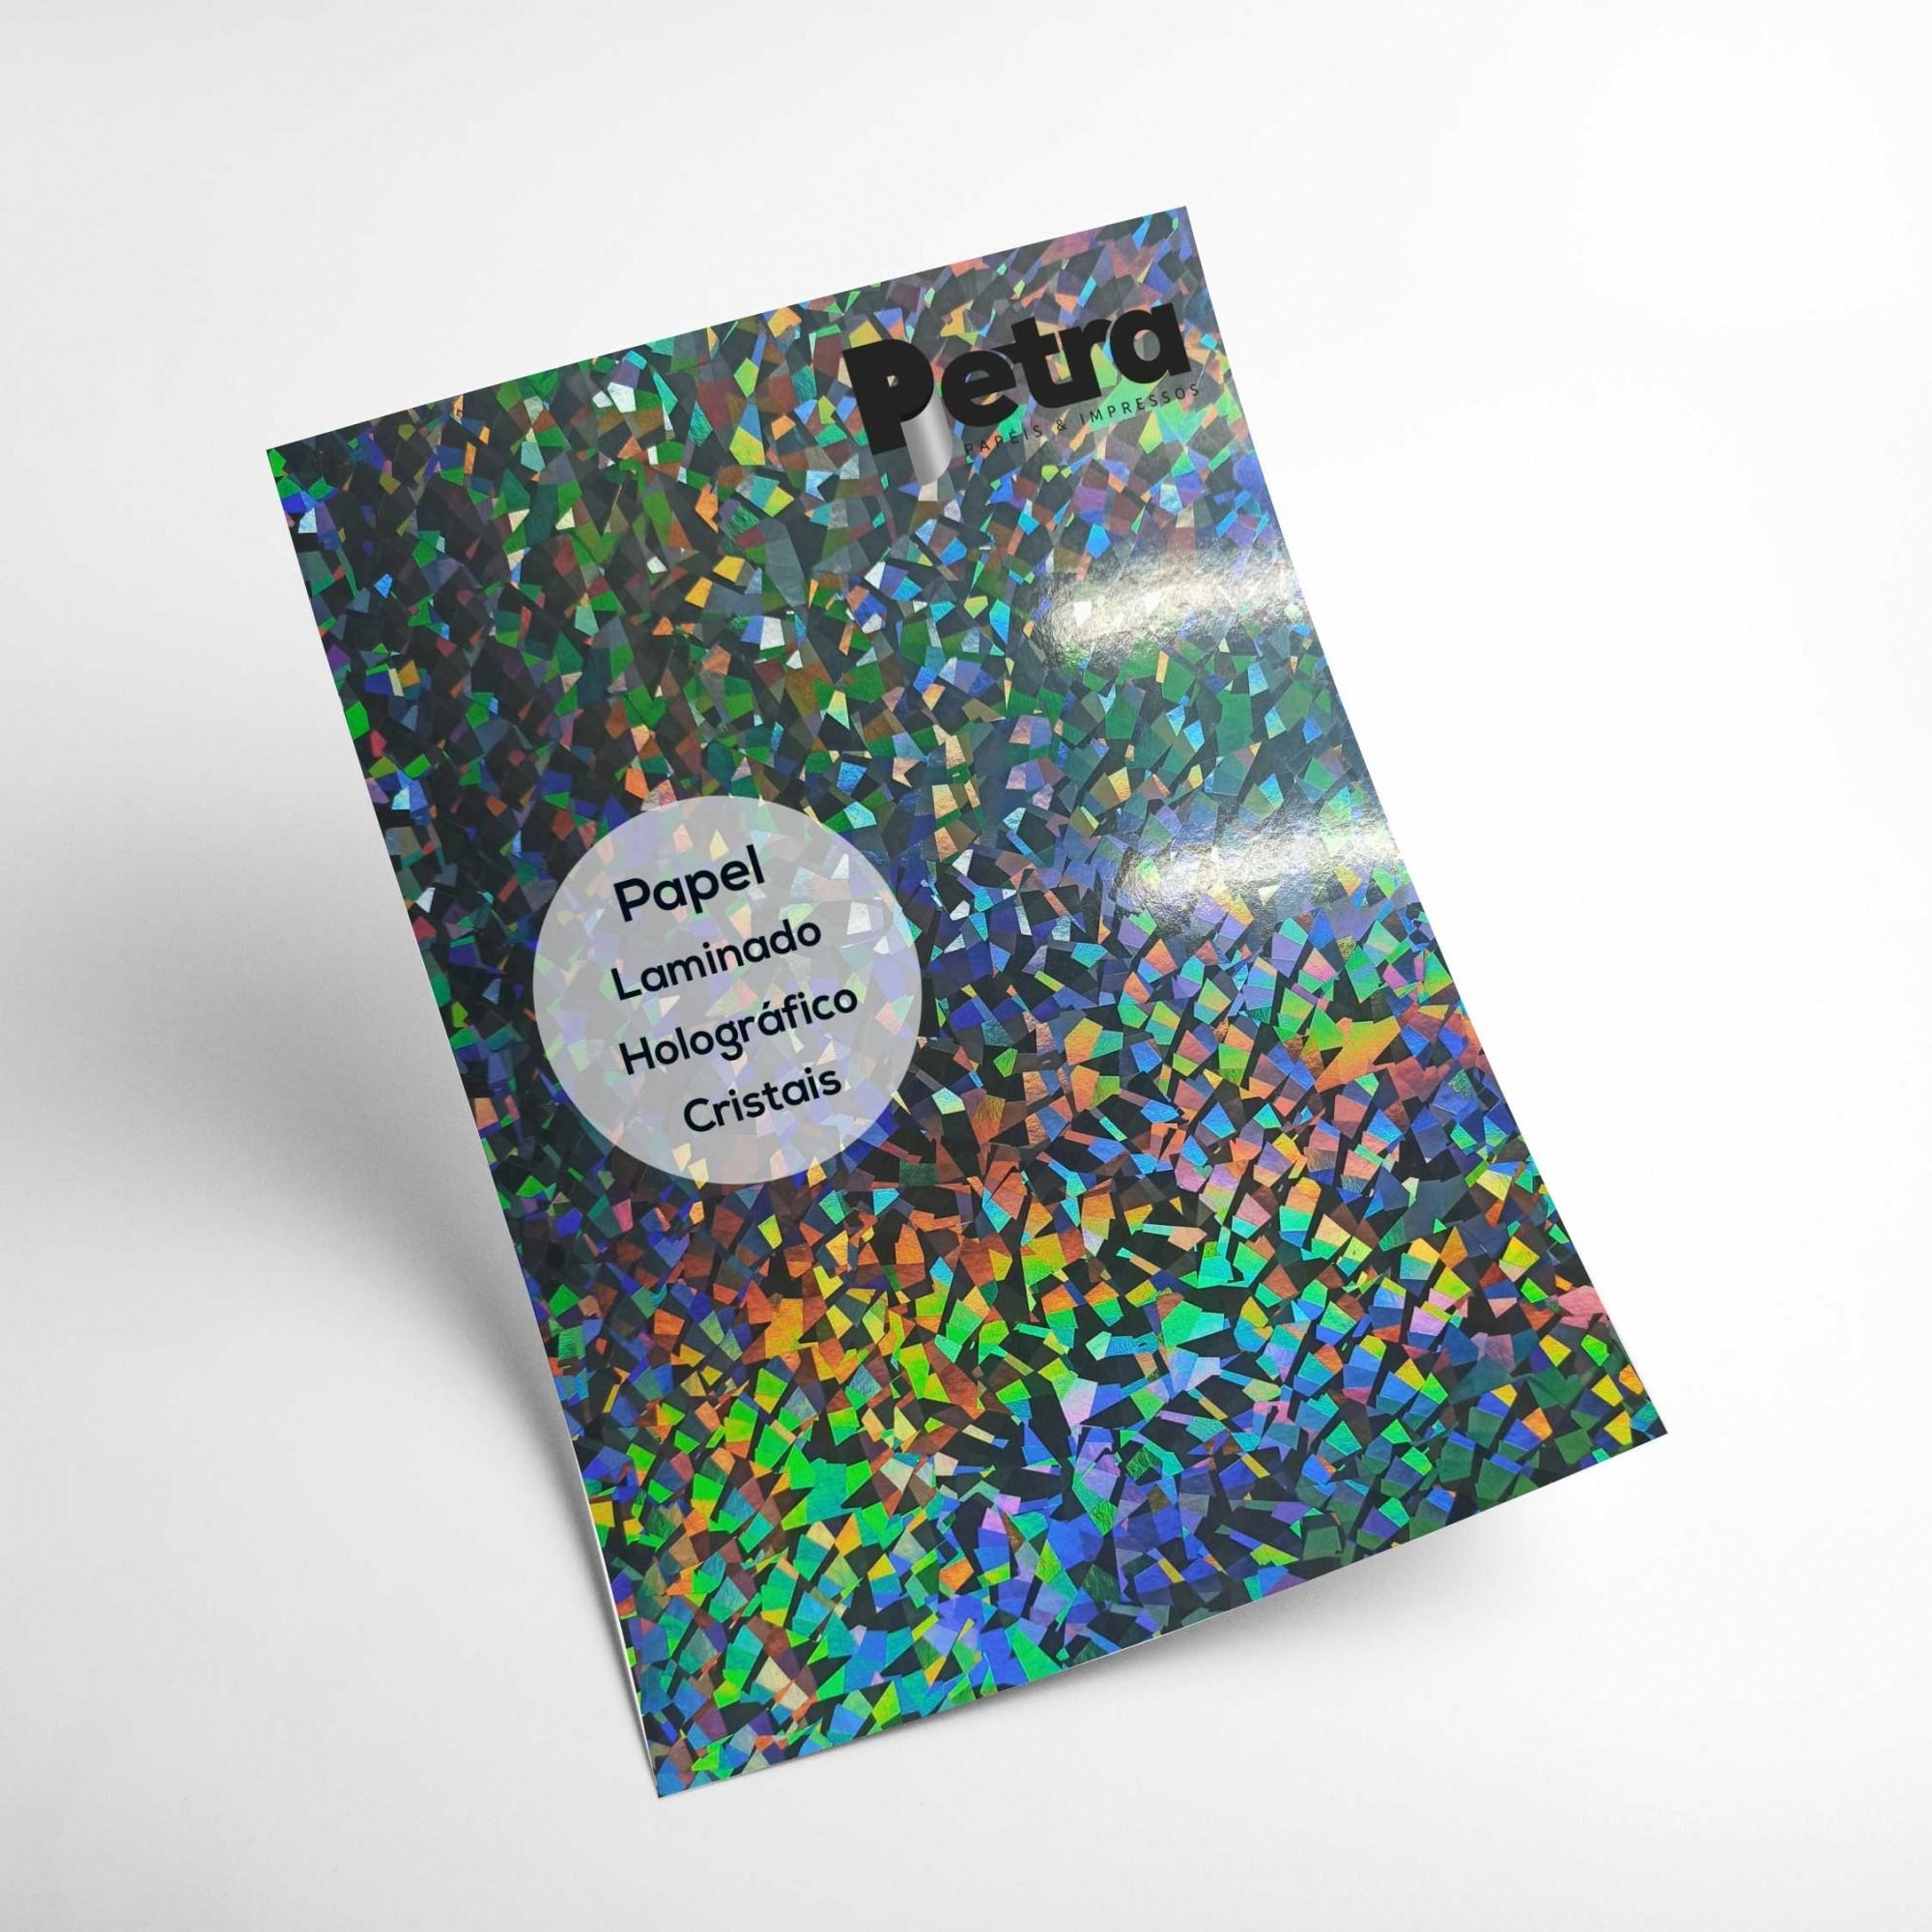 Laminando Holográfico Cristais 1 Face Tam. A4 - 250g/m² - com 20 folhas